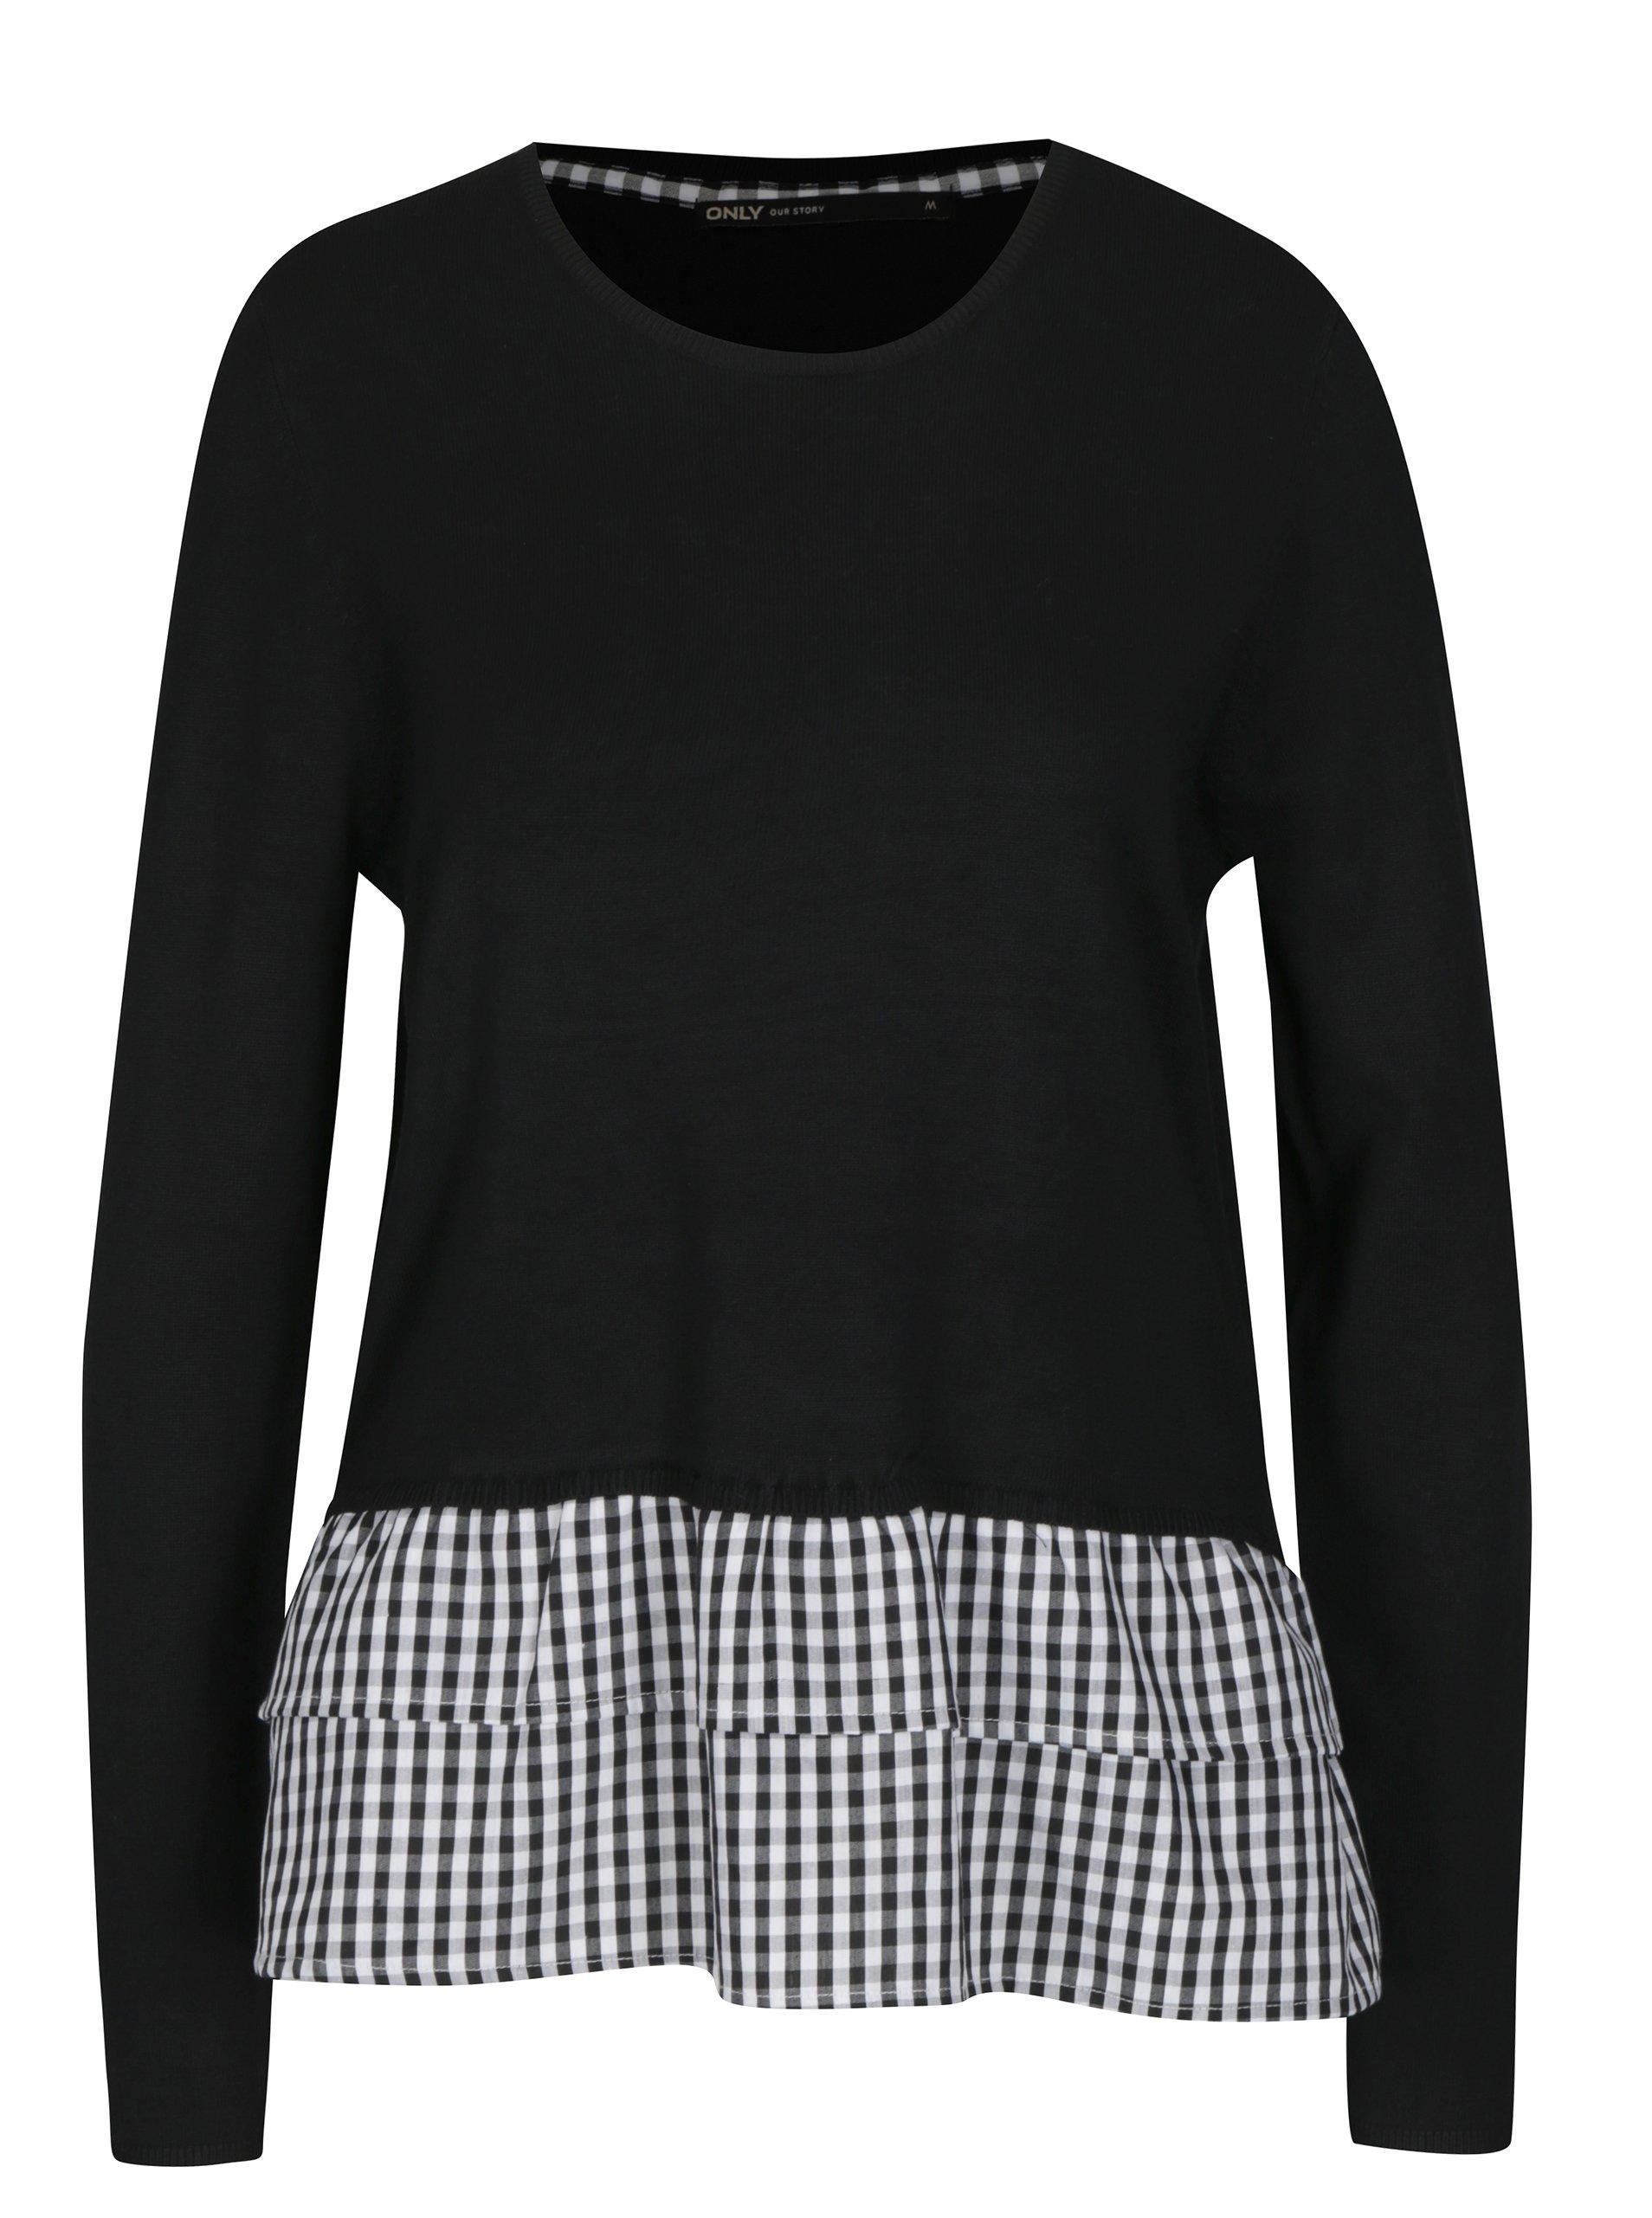 Černý lehký svetr s všitou košilovou částí ONLY Gingham